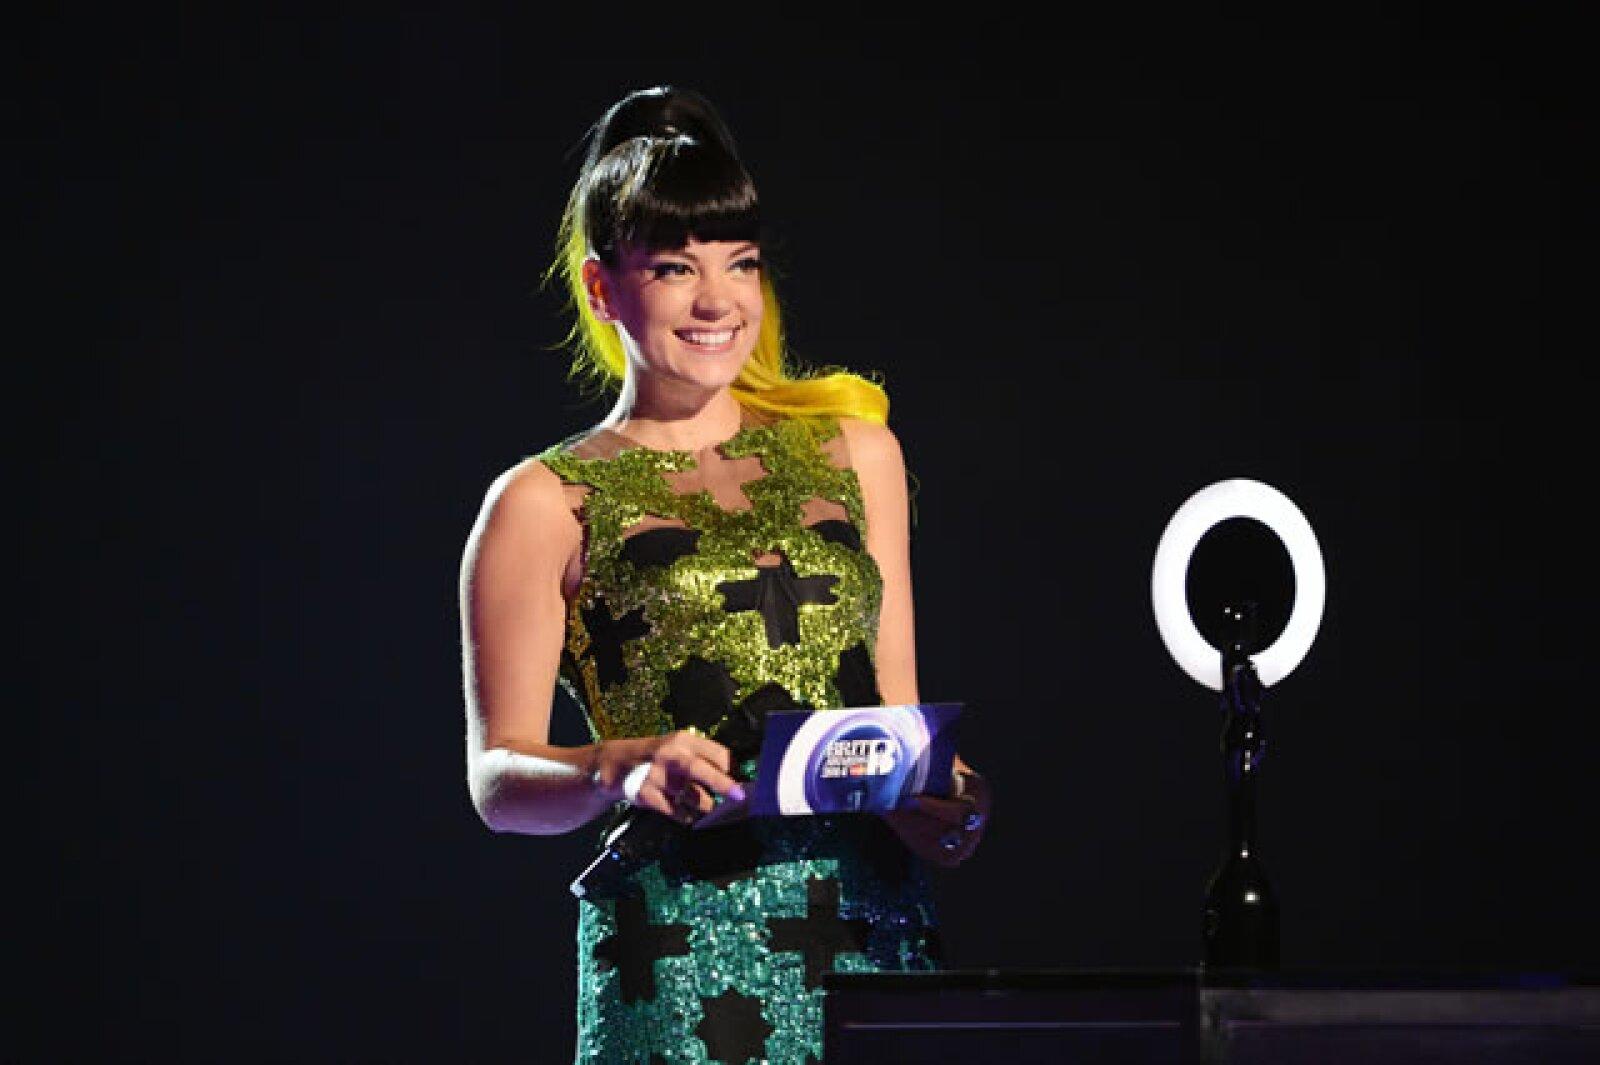 La cantante y actriz Lily Allen presentó un premio.